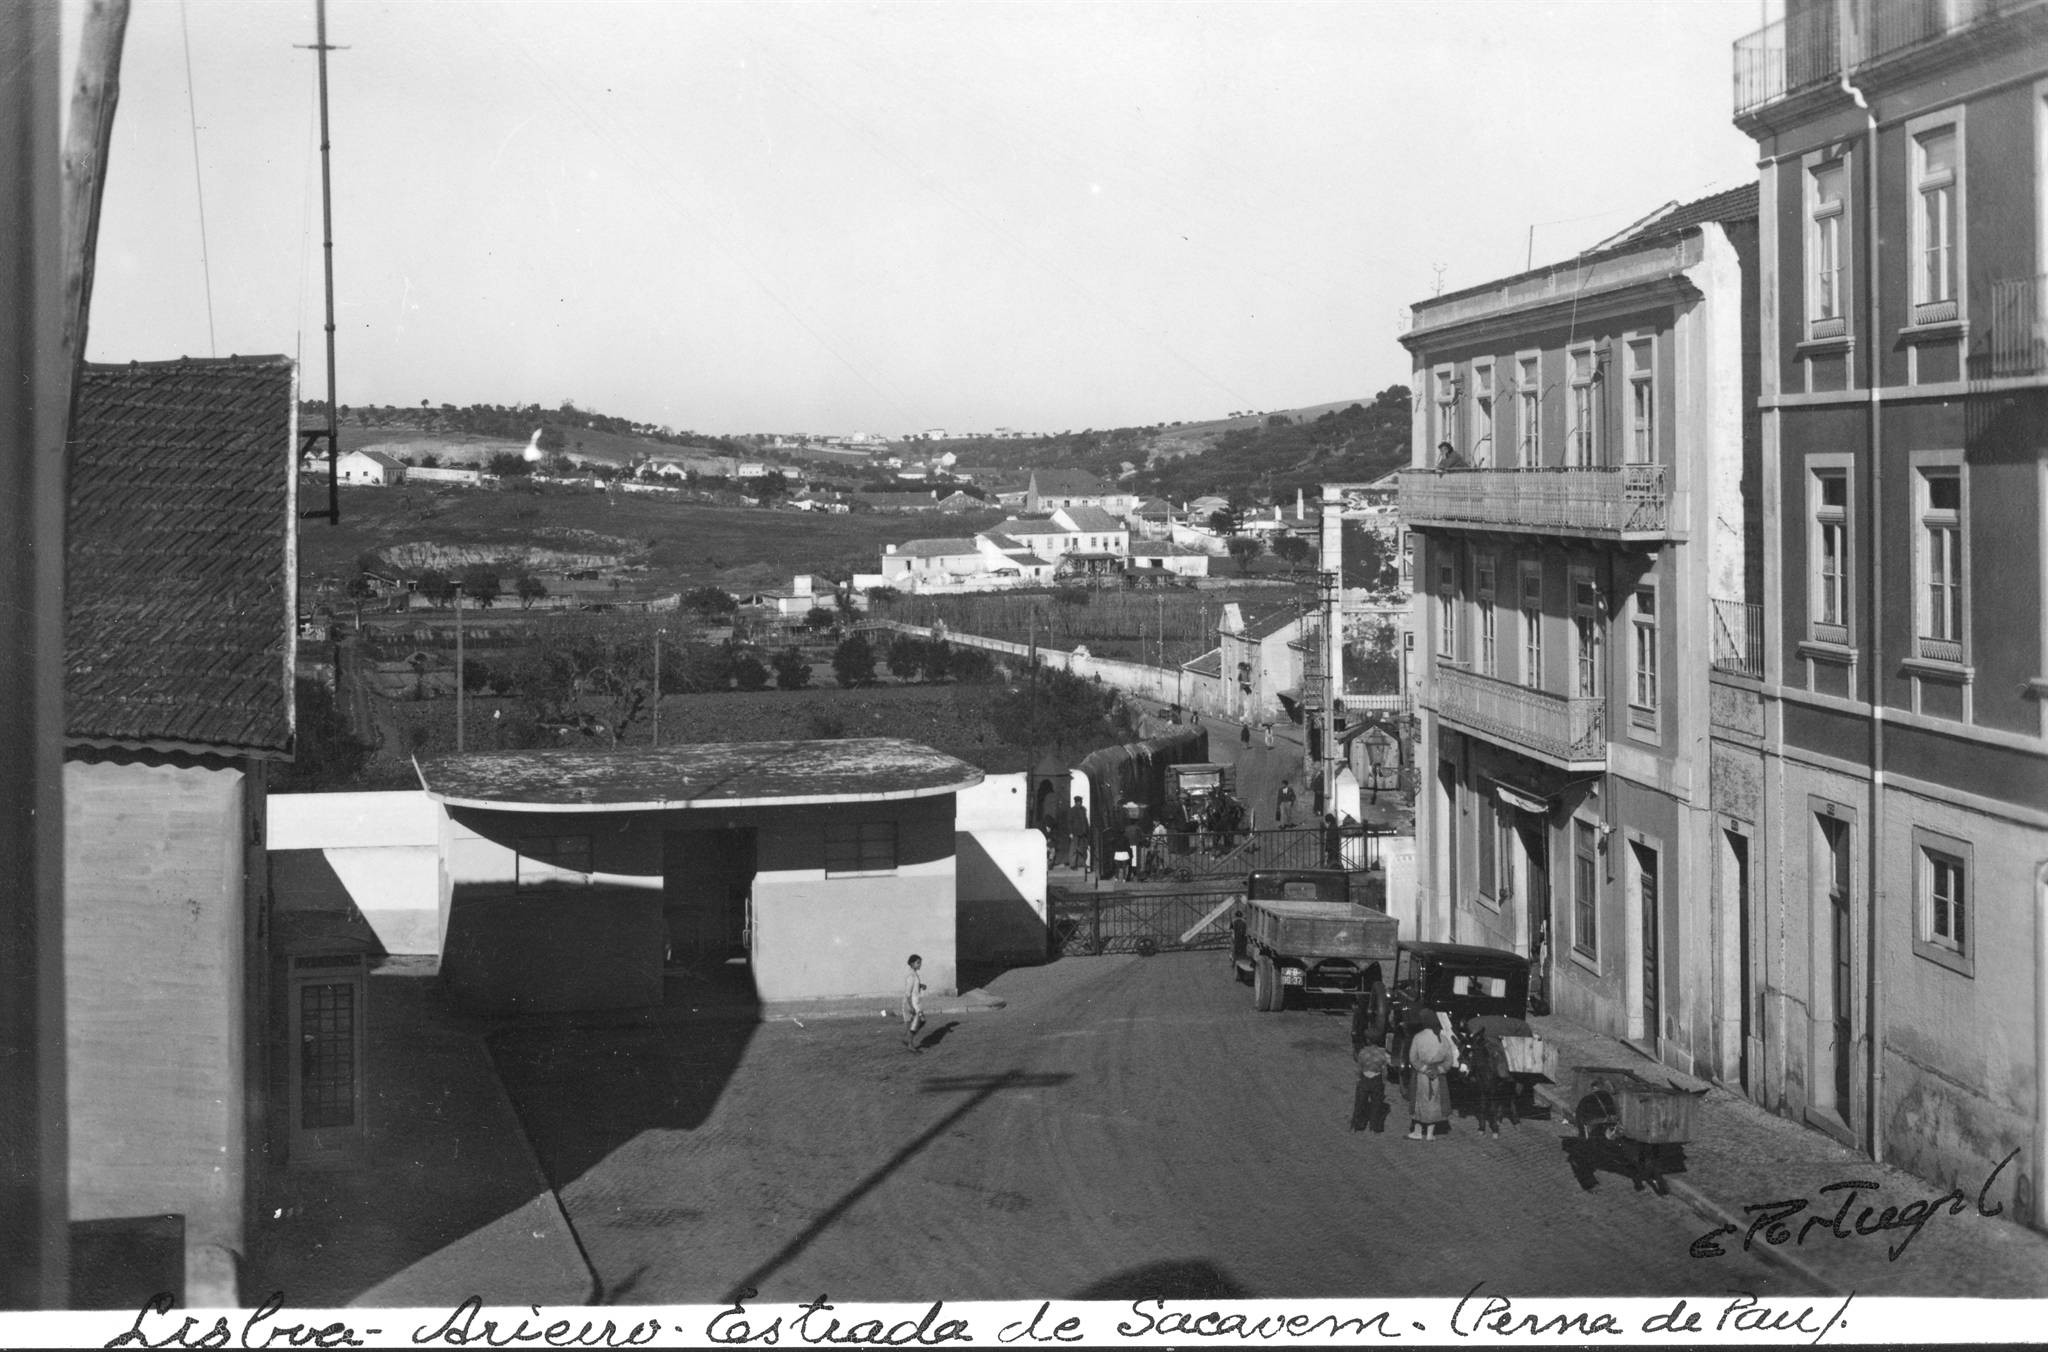 Estrada de Sacavém, Areeiro (E.Portugal, 1938)